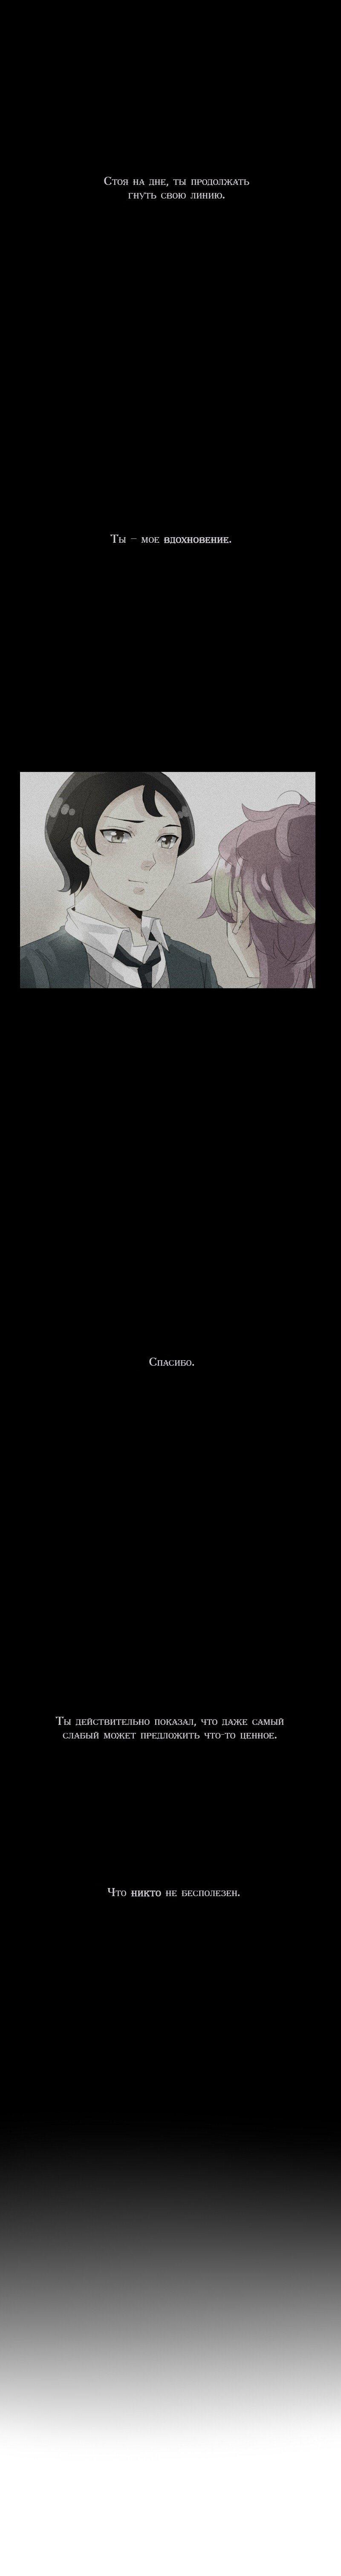 Манга неОРДИНАРНЫЕ / unORDINARY  - Том 1 Глава 40 Страница 11